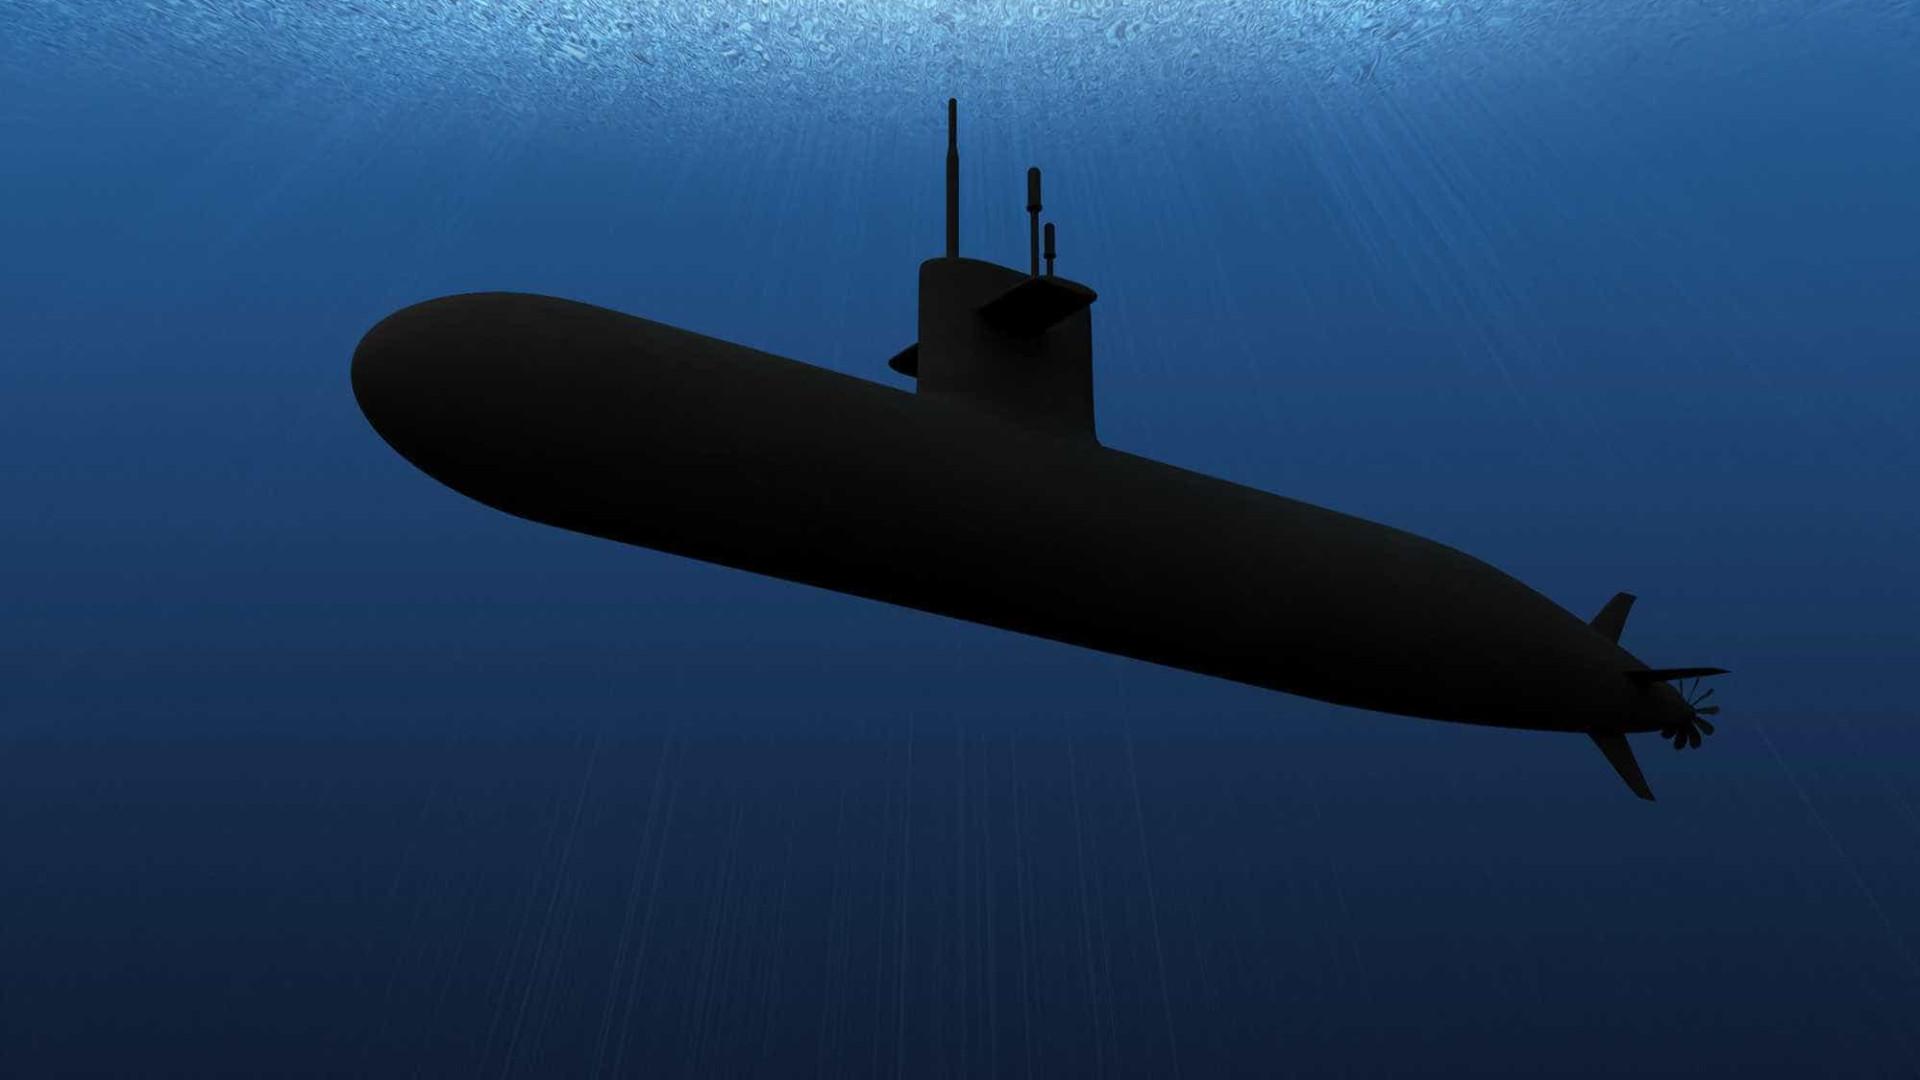 Submarino desaparecido não estava em missão secreta nem foi atacado